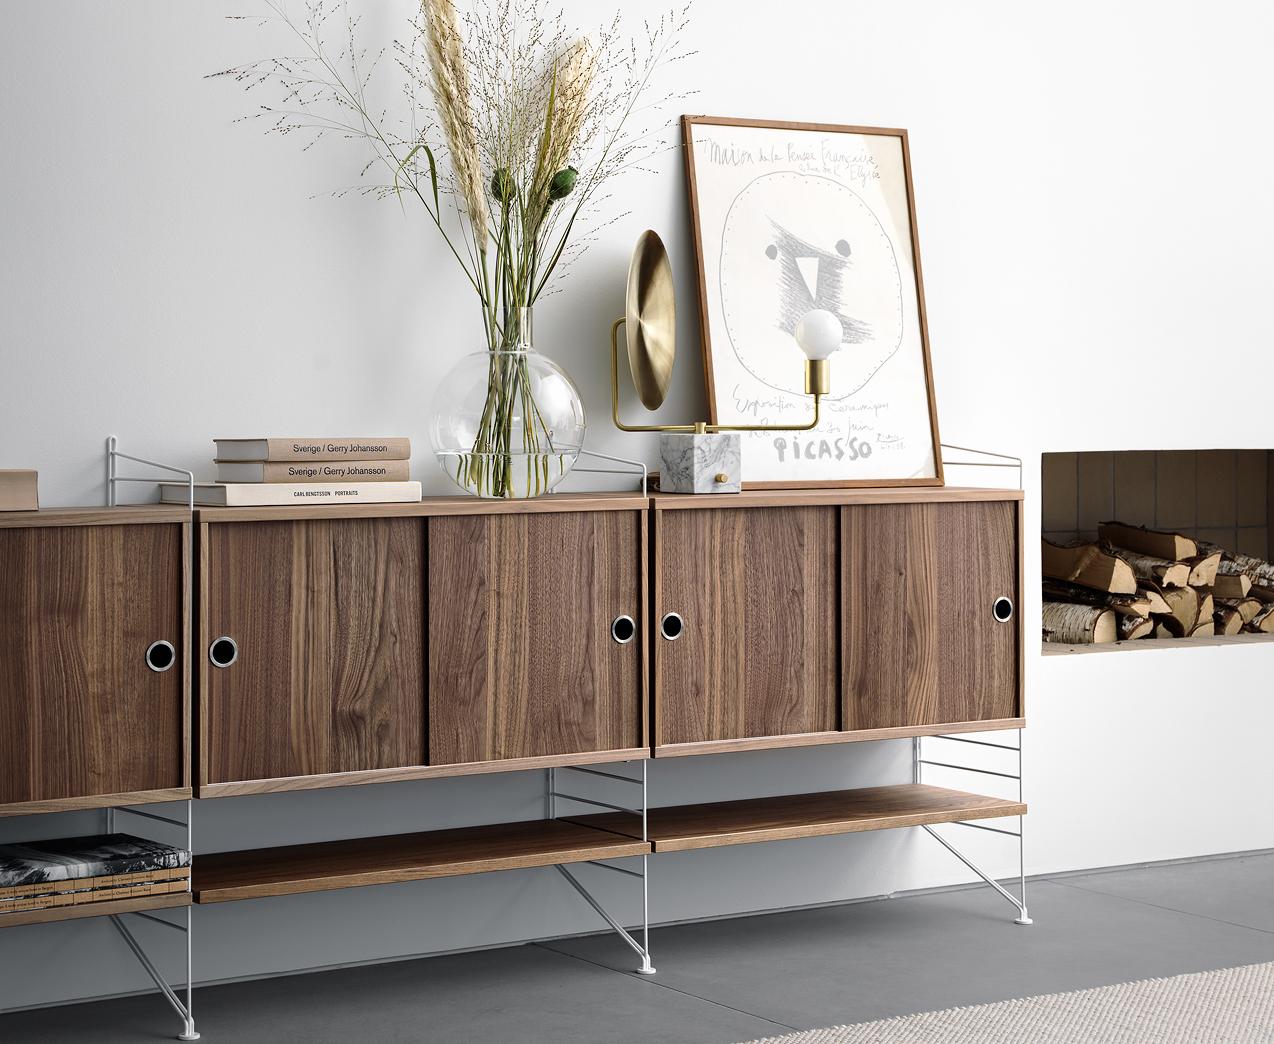 Fabelaktig Rum21.dk - Design, møbler og hjemmeindretning på nettet XT-63